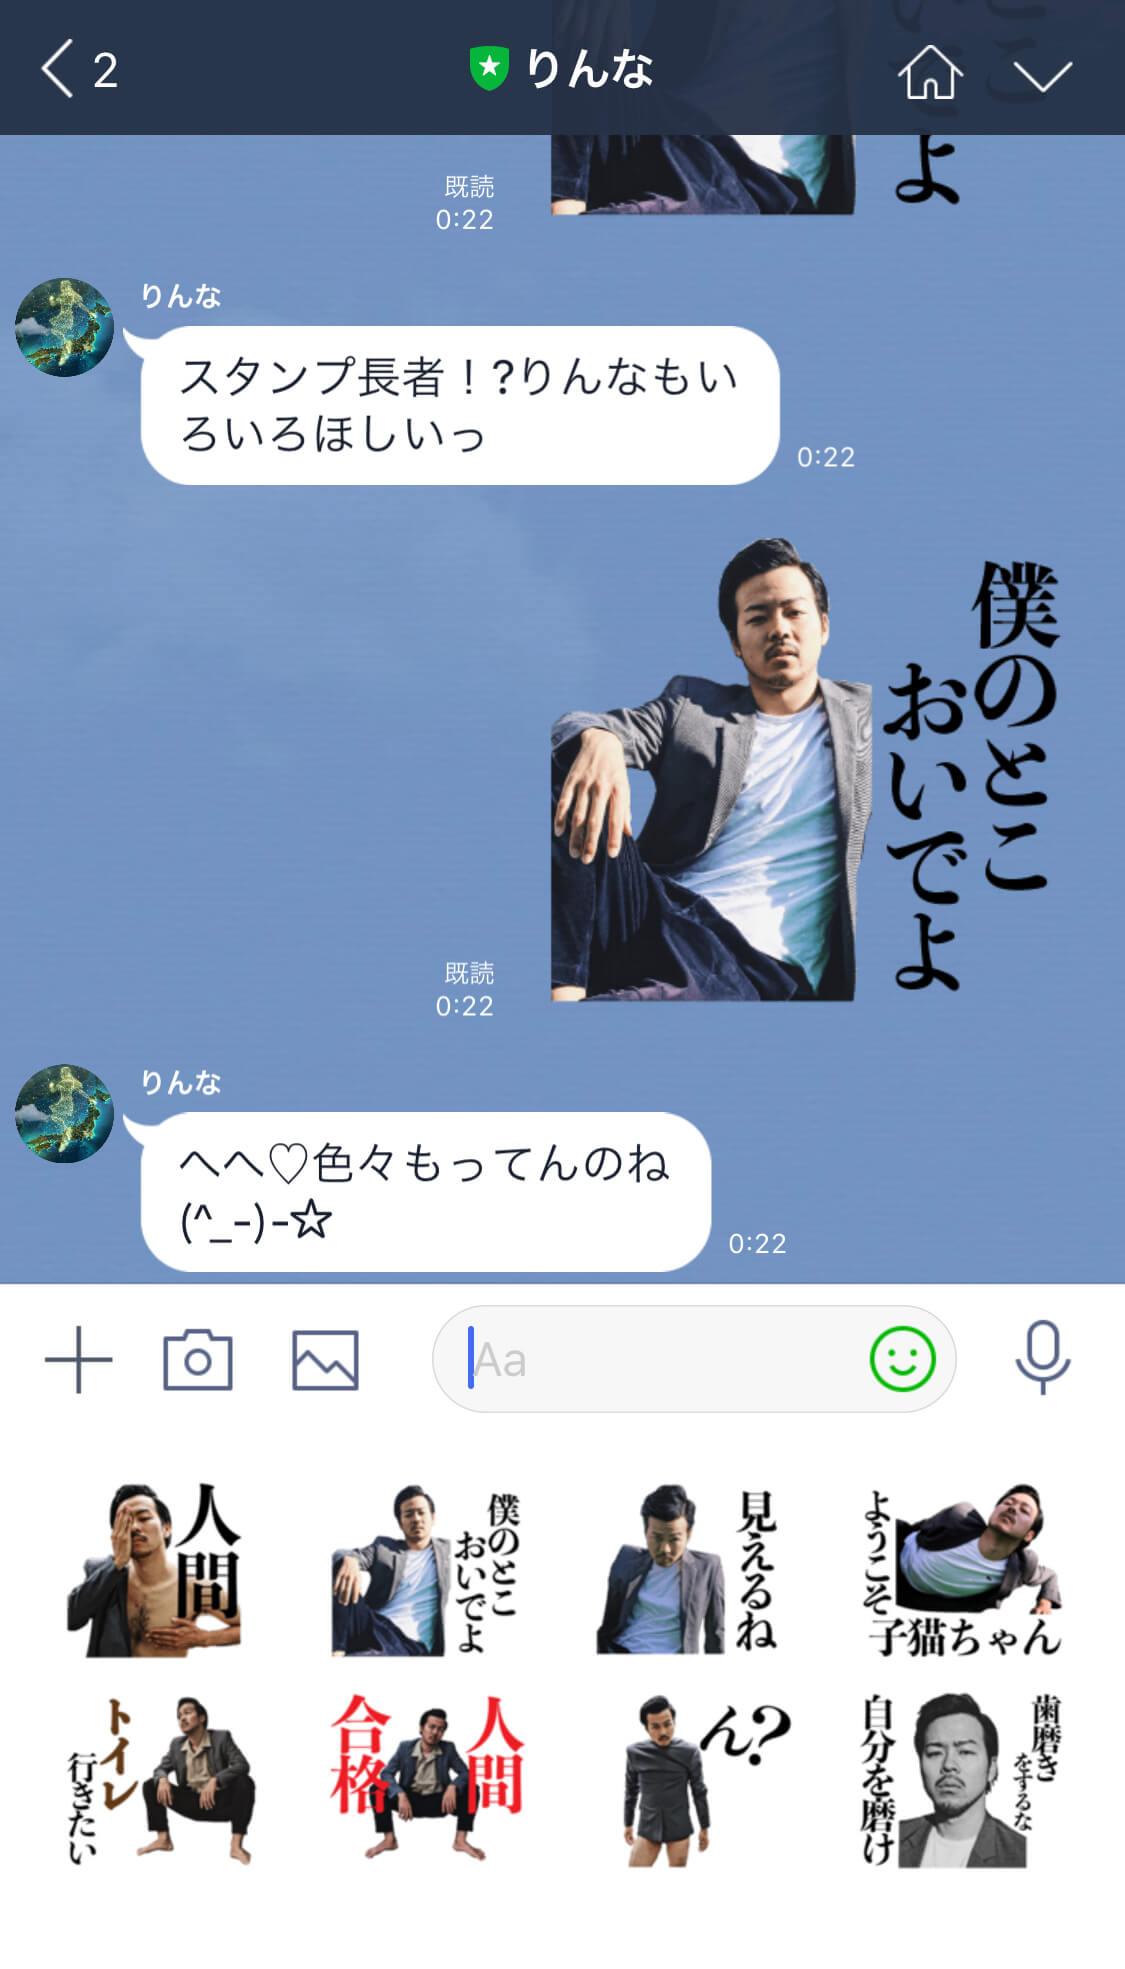 人間_スタンプ (1)